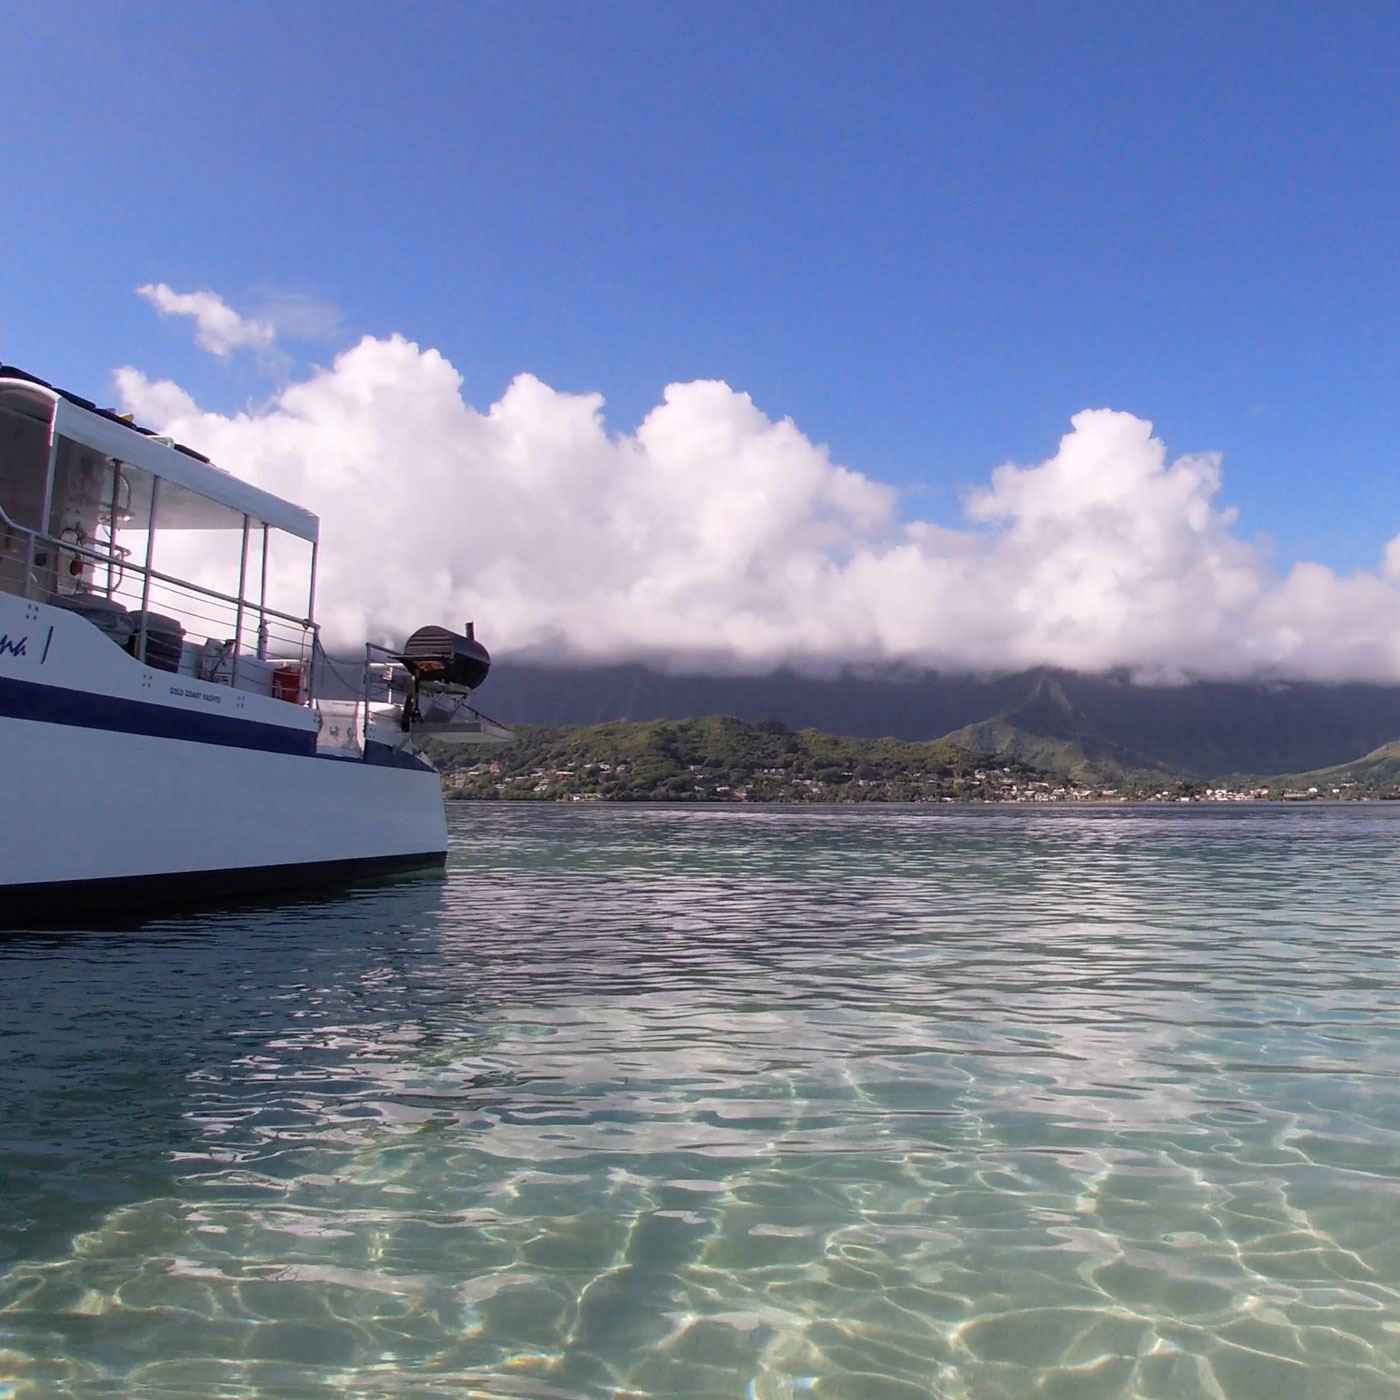 ハワイワイキキ旅行記録 10月 4日目 サンドバーツアーへ